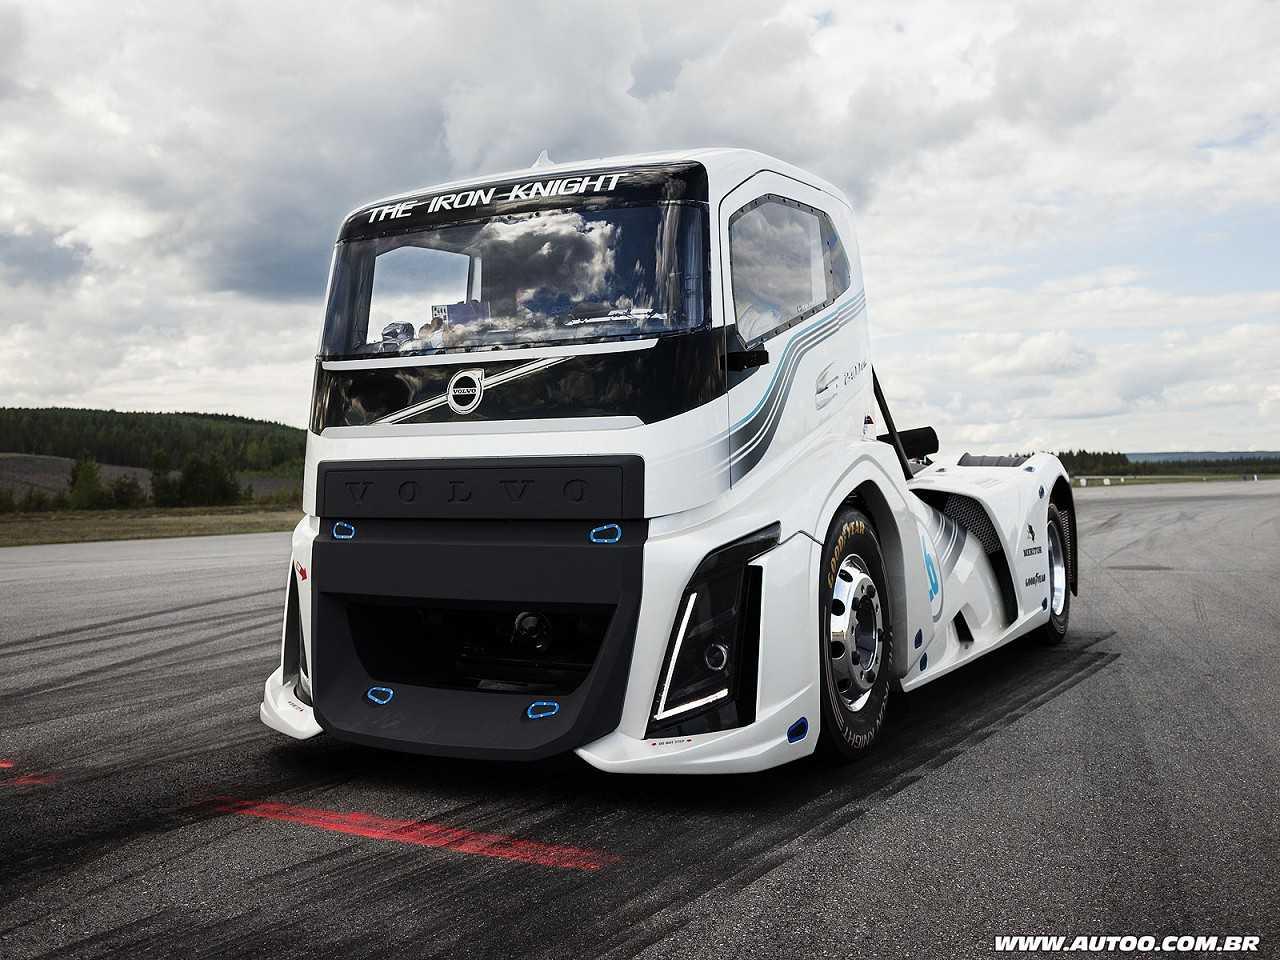 Volvo The Iron Knight, o caminhão mais rápido do mundo